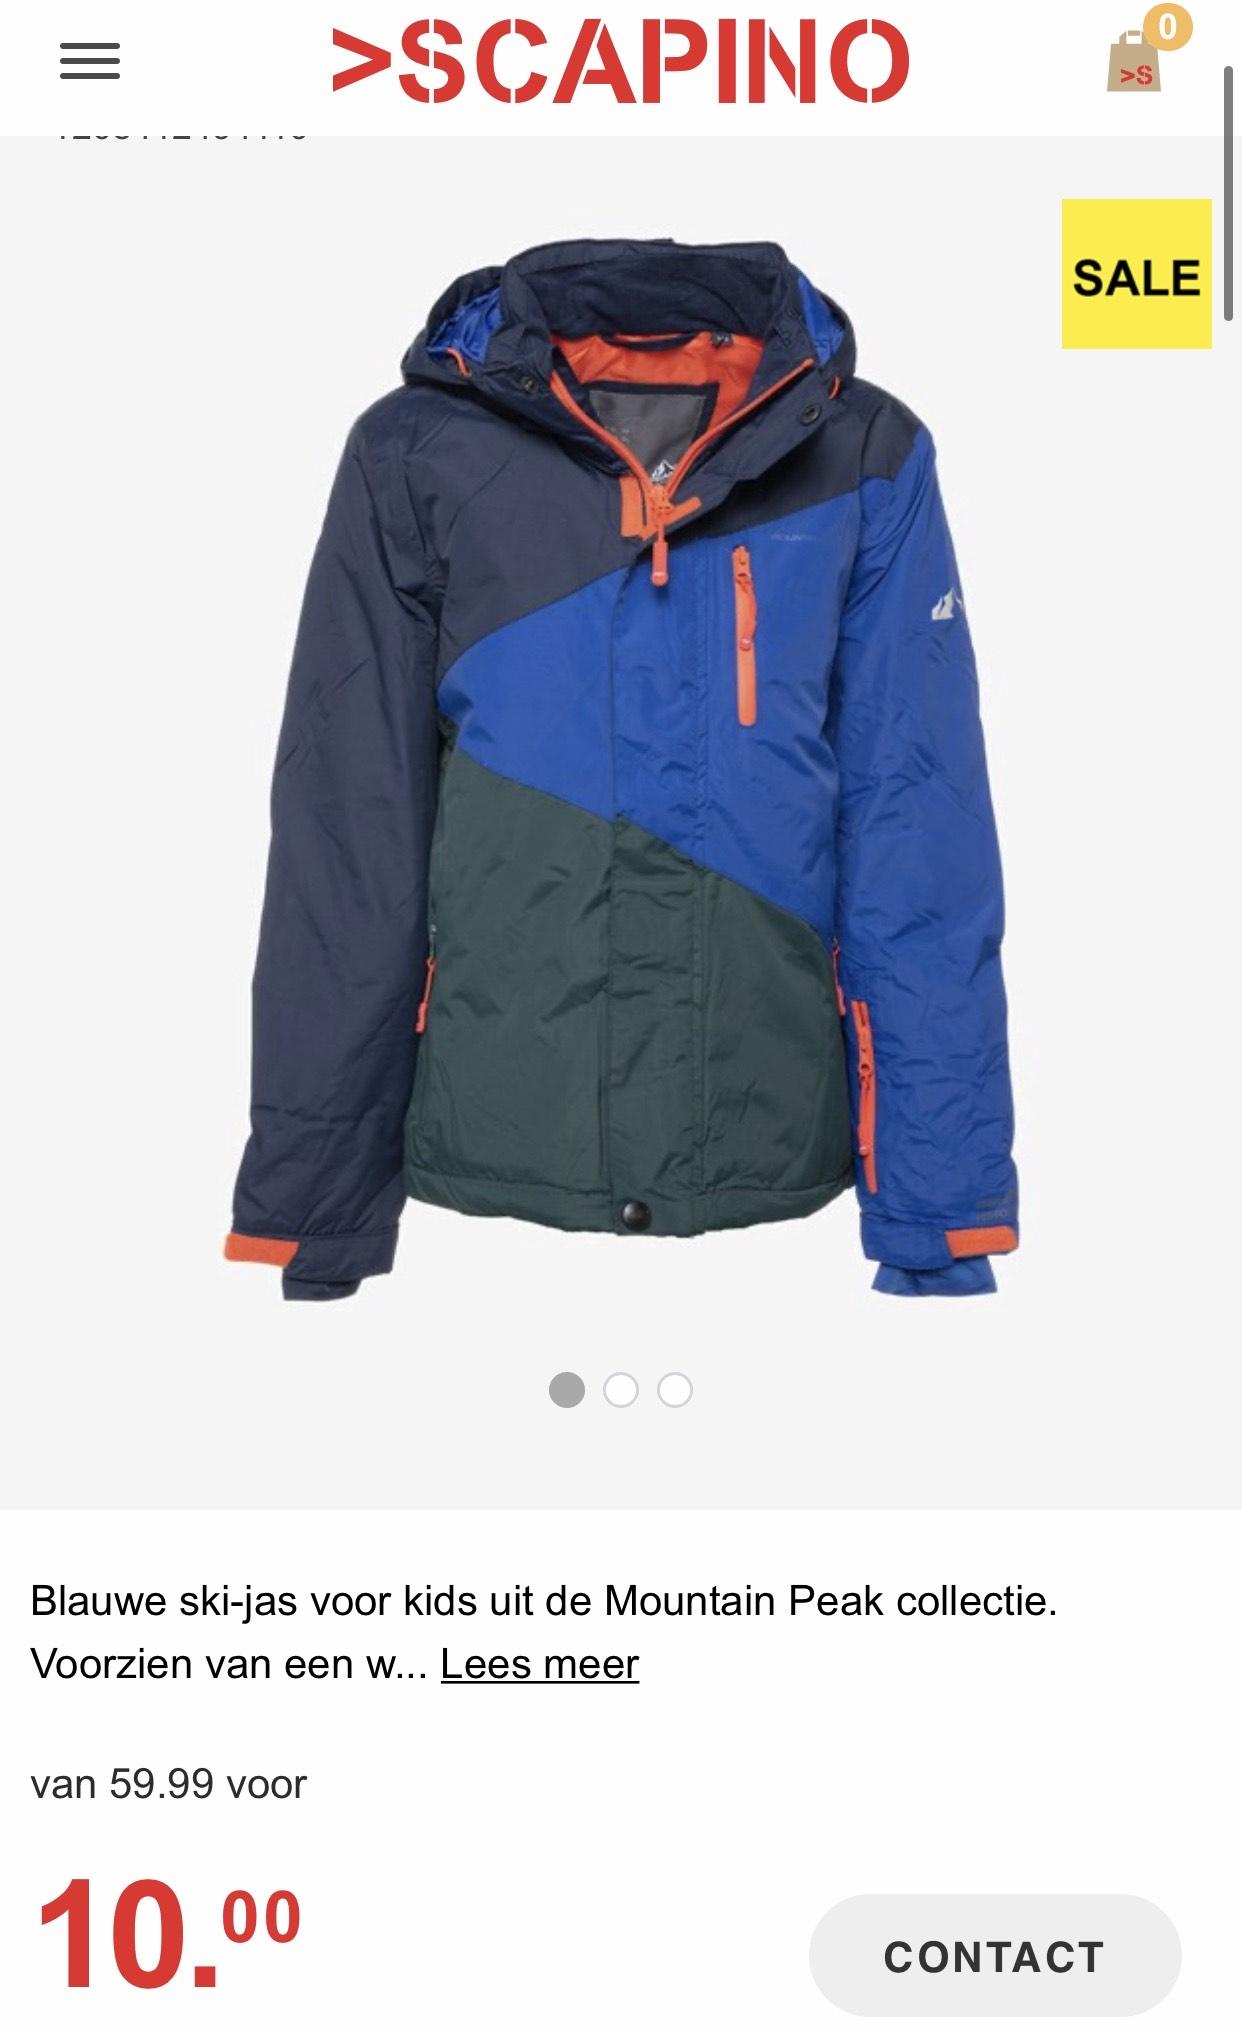 Mountain Peak kinder ski-jassen